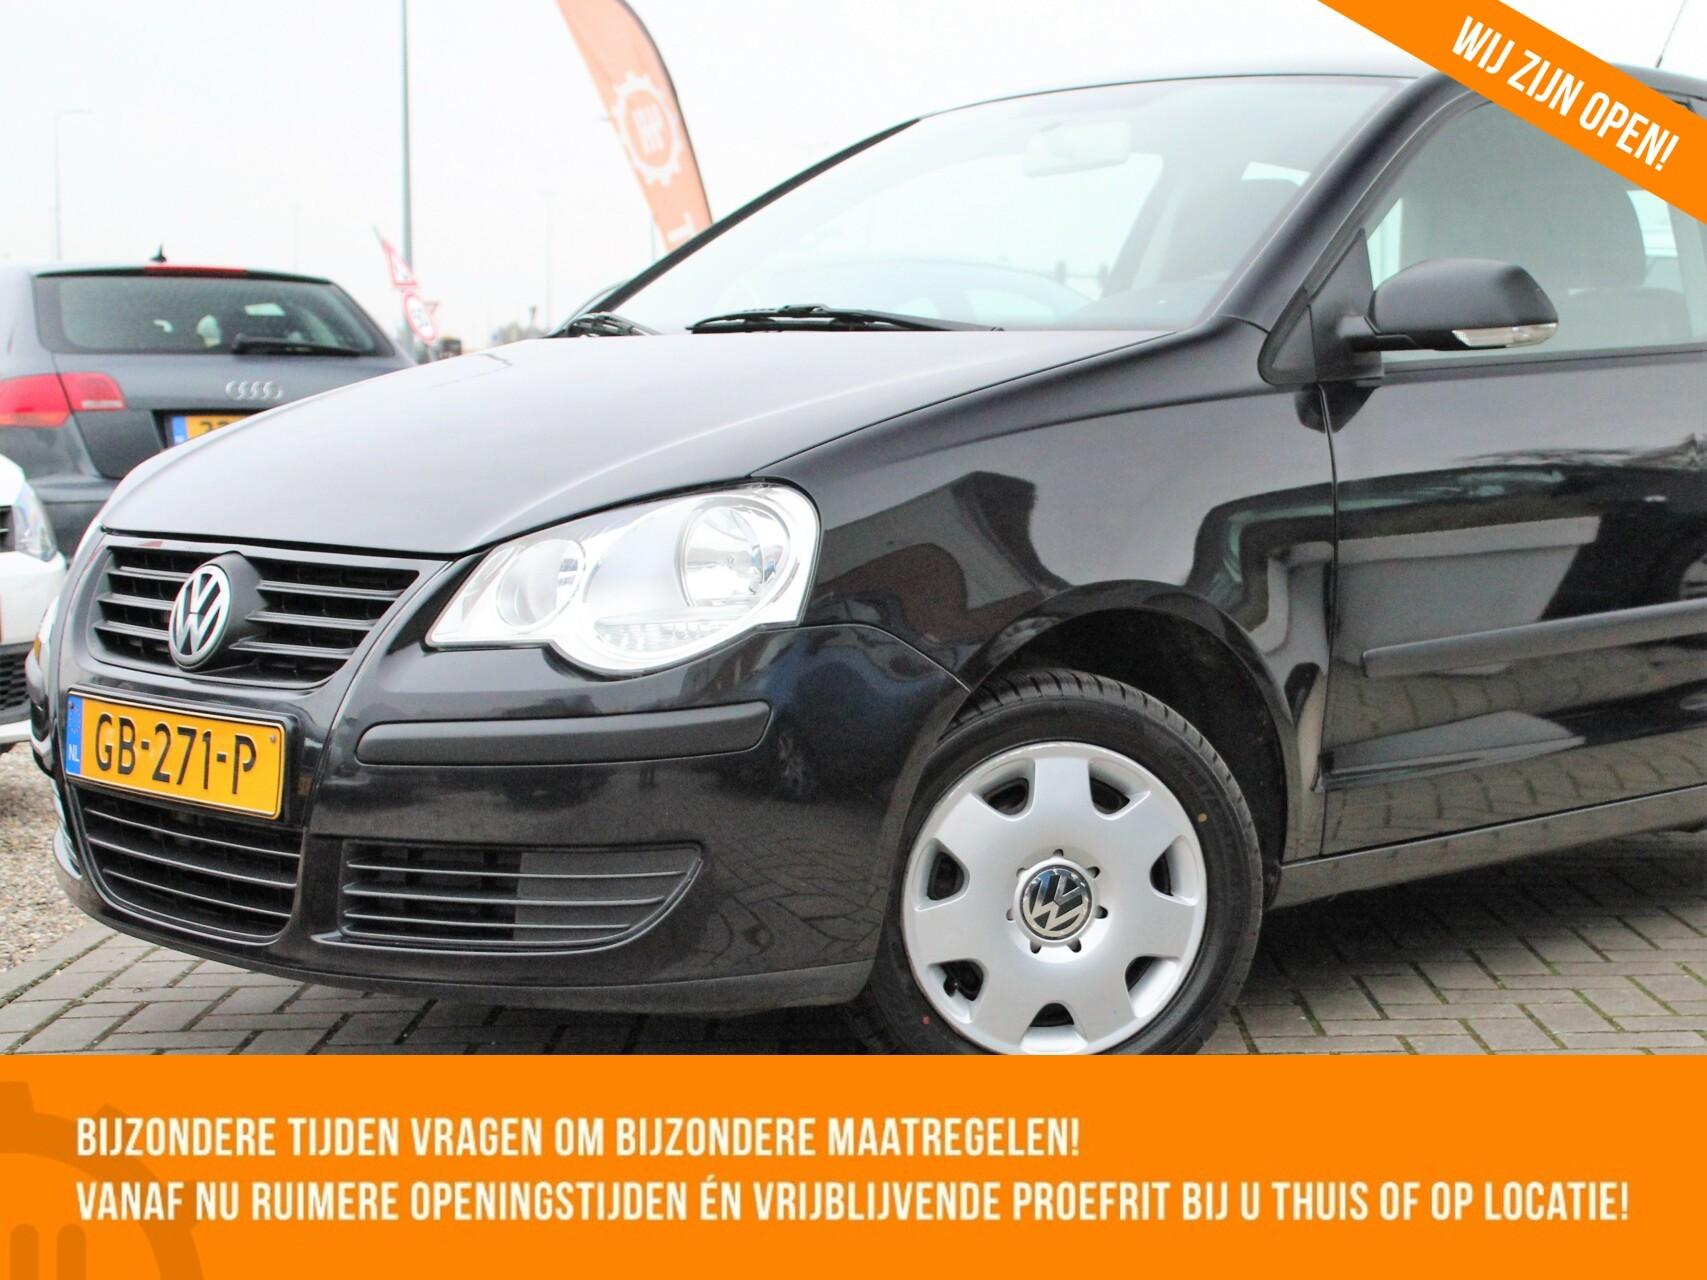 Caroutlet Groningen - Volkswagen Polo 1.2 Trendline   50/50 GARANTIE   AIRCO   NW APK